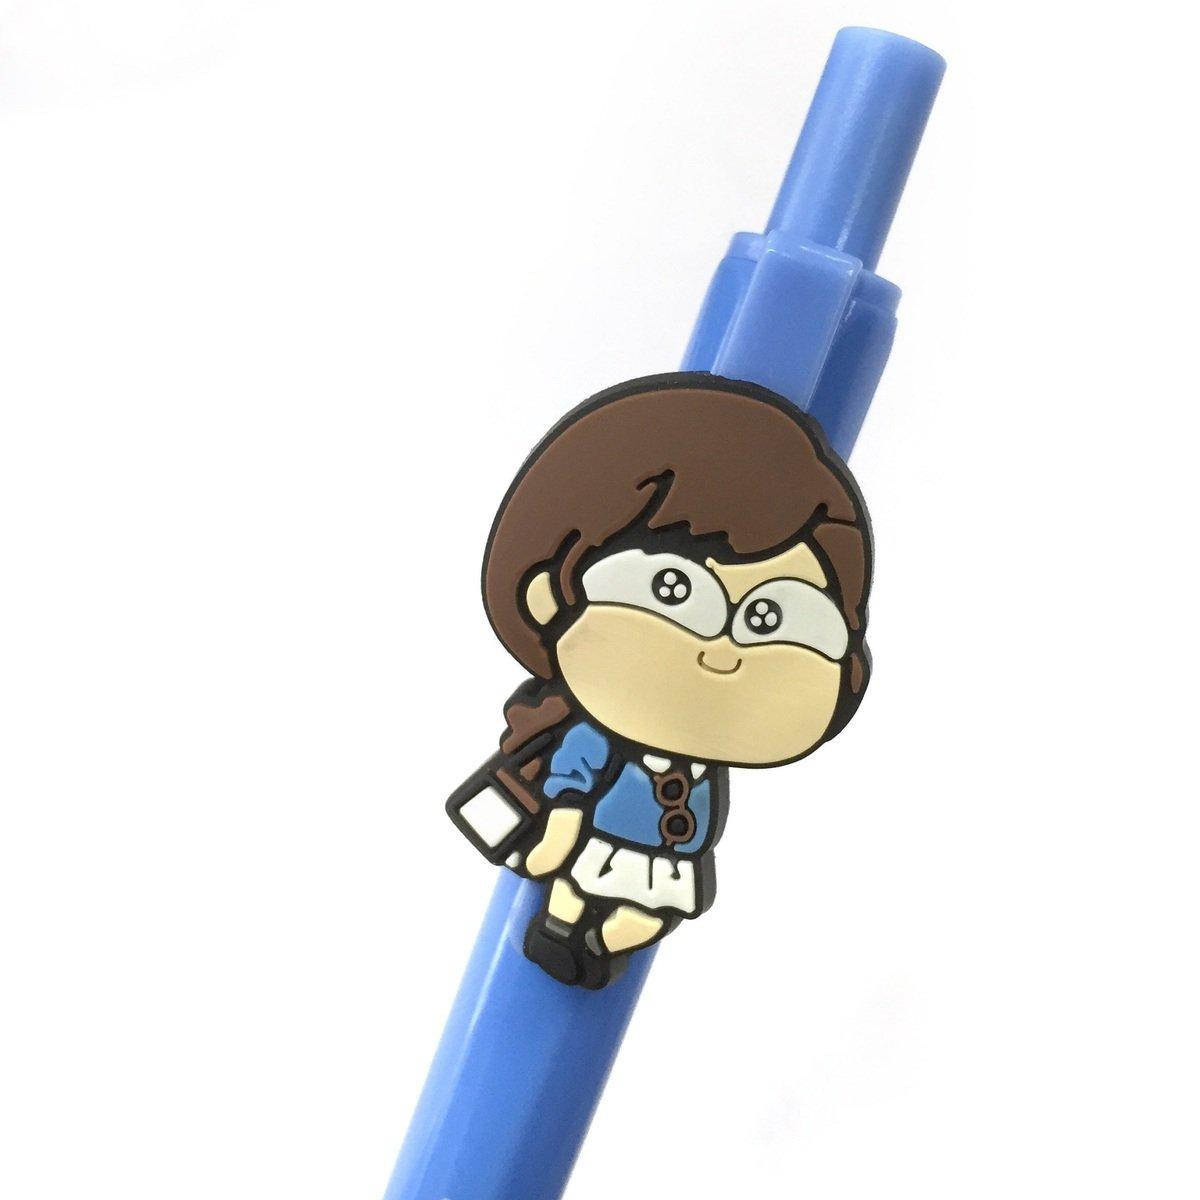 馬仔藍色原子筆 (白裙)